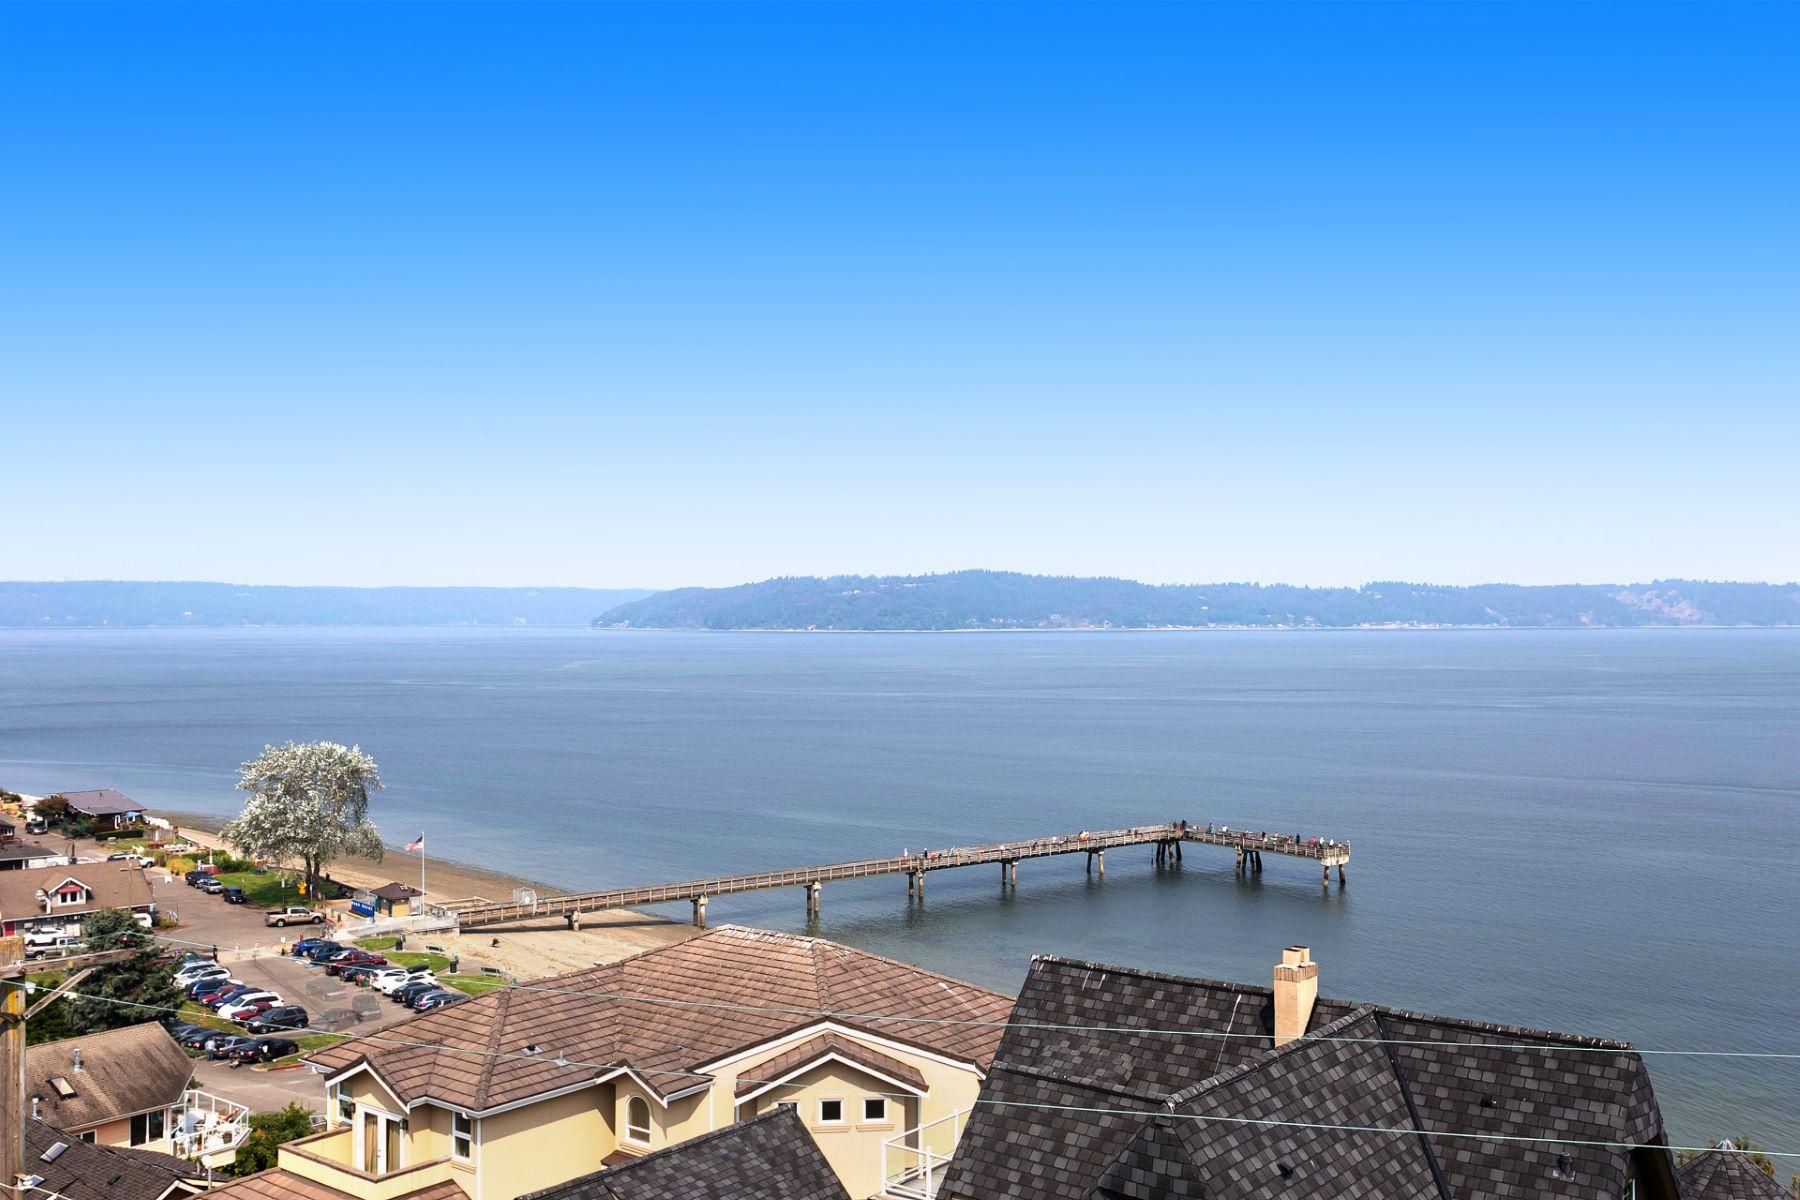 Casa Unifamiliar por un Venta en Dash Point Sound & Mtn Views 1624 Markham Ave NE Tacoma, Washington 98422 Estados Unidos